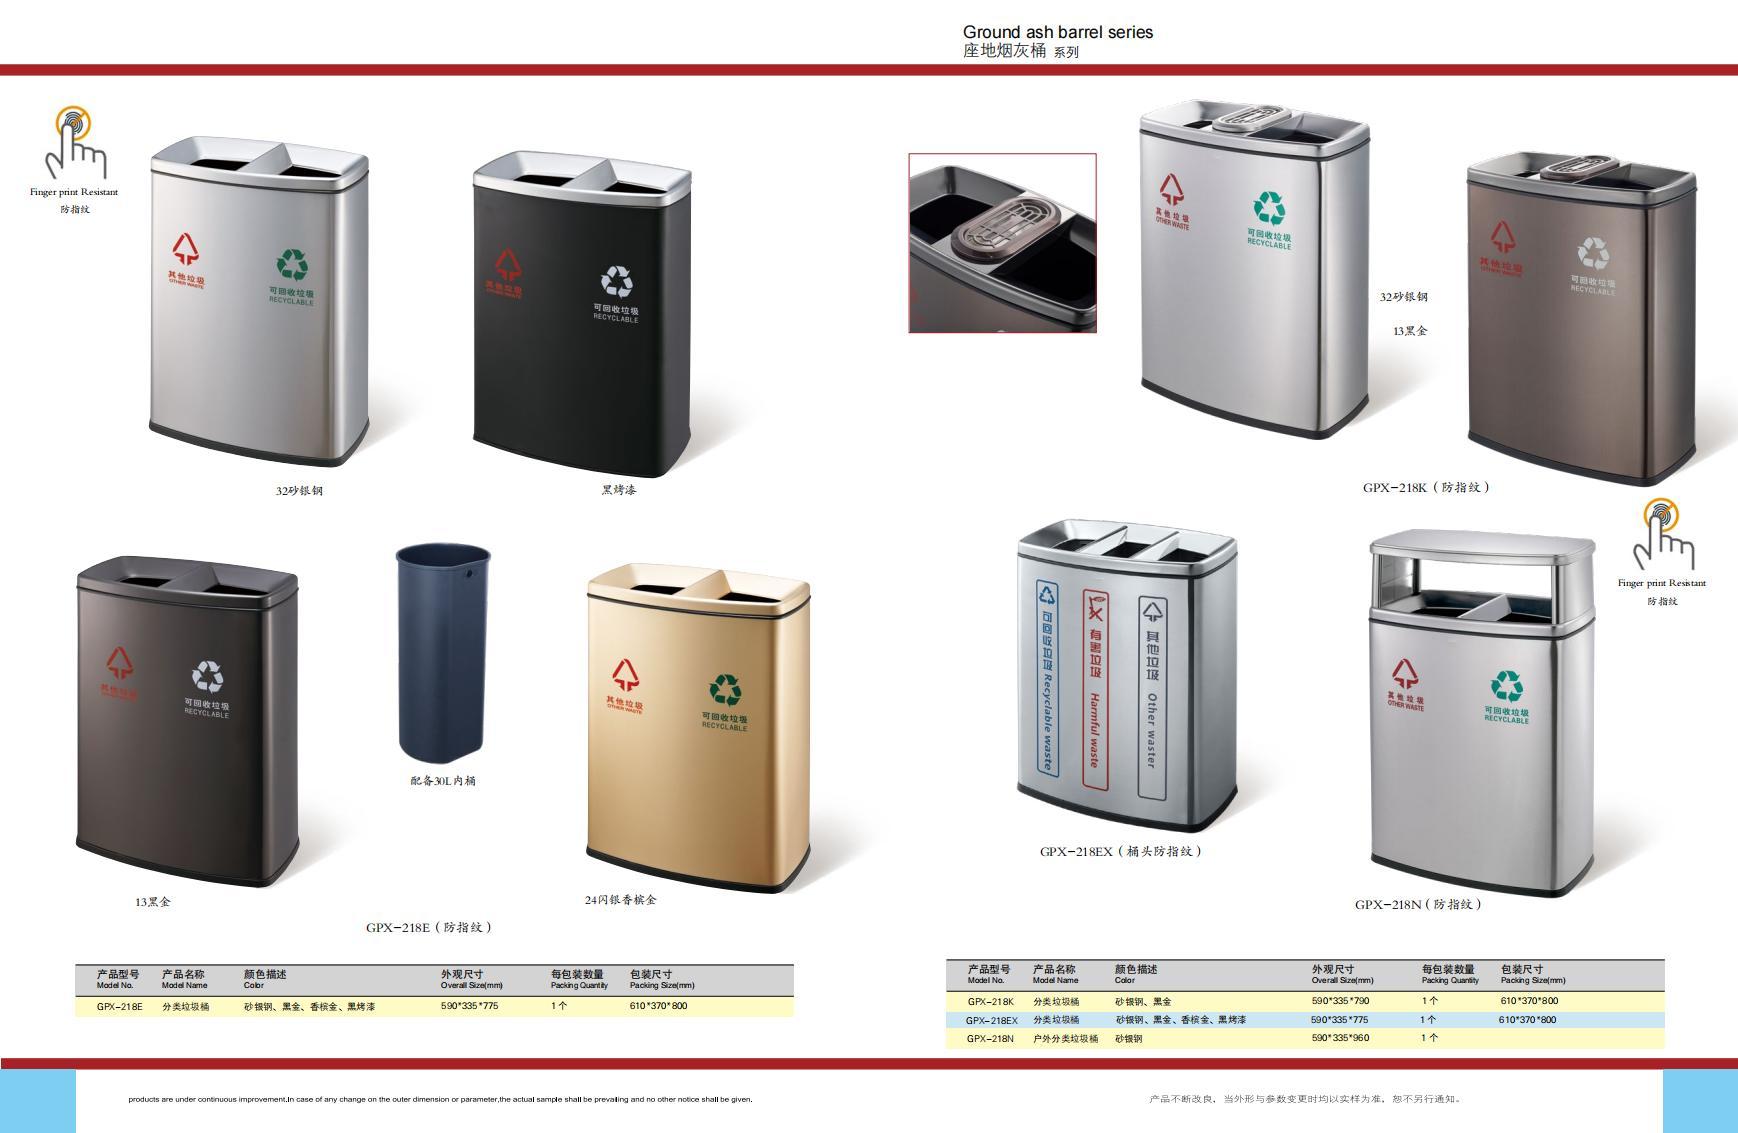 君芝友酒店配套用品 室內外分類環保垃圾桶 煙灰桶 座地垃圾箱 商場物業學校酒店公園果皮桶